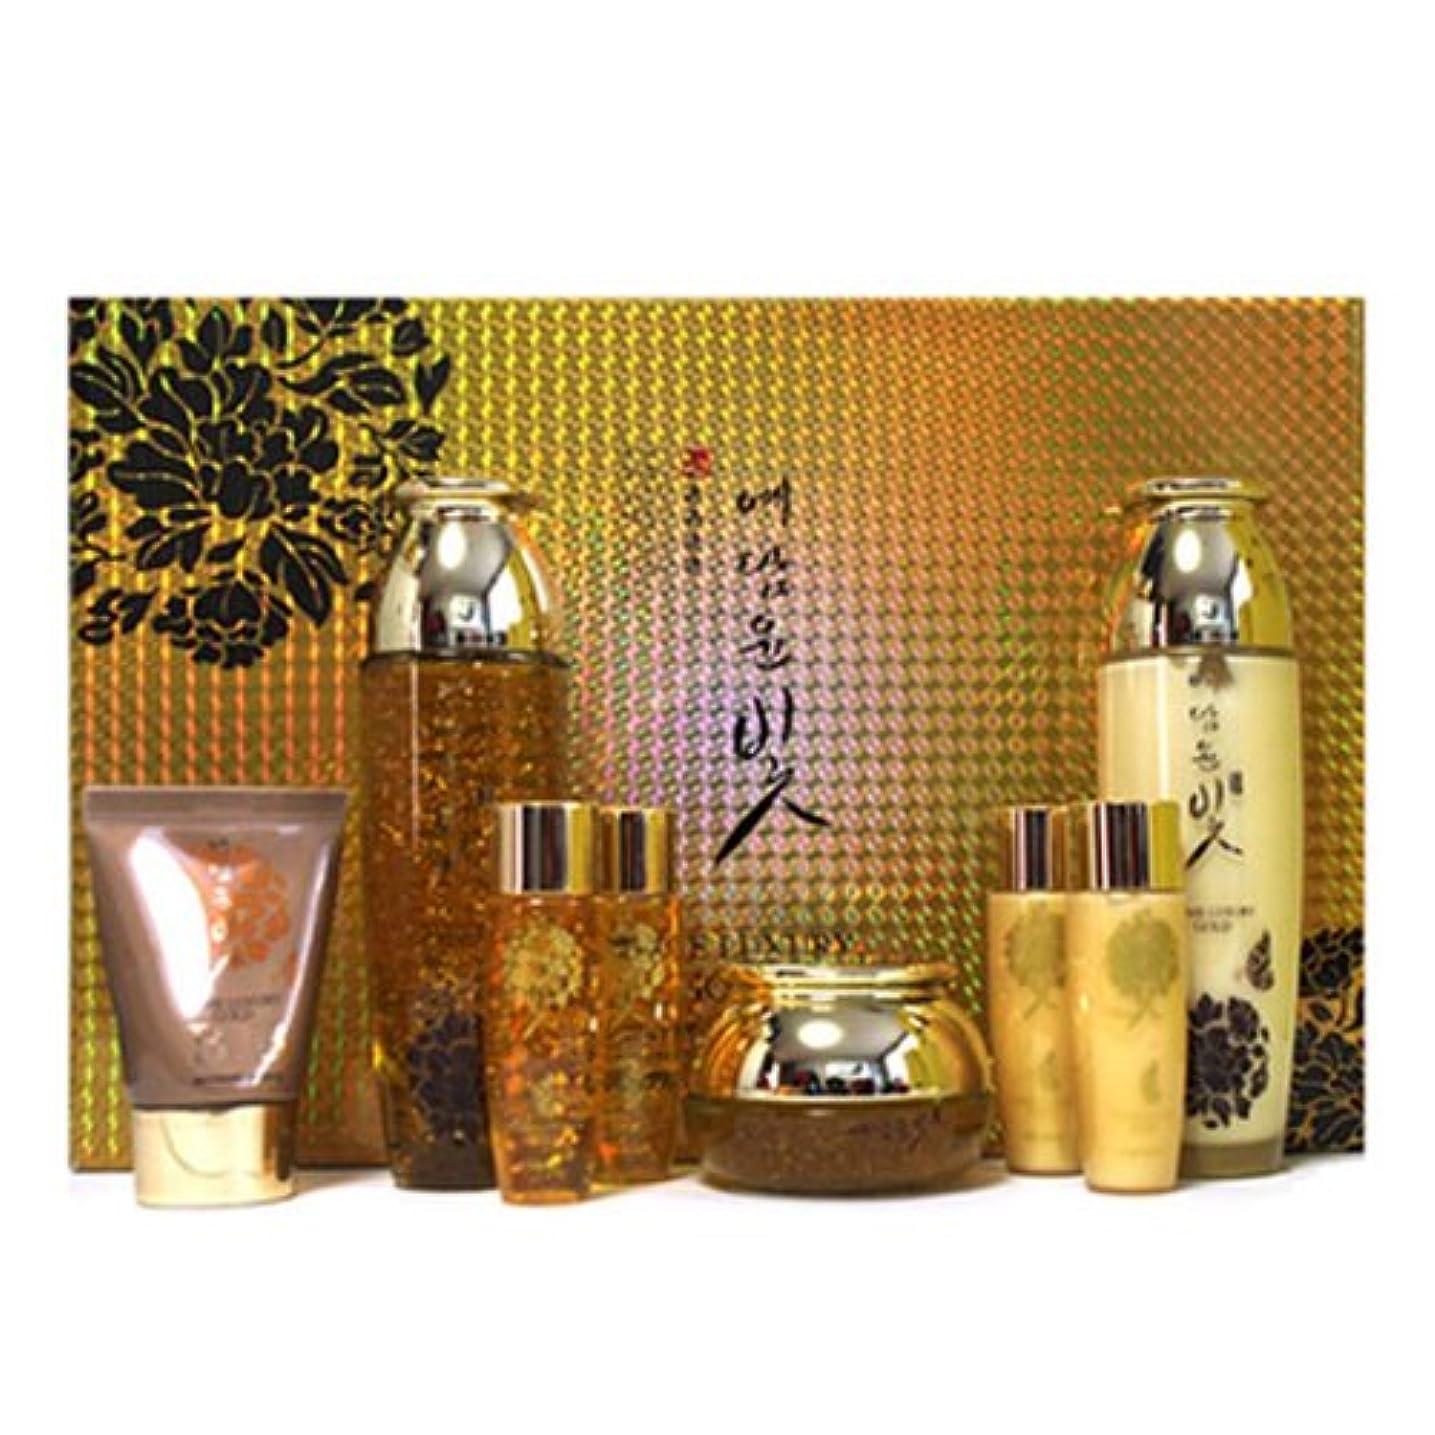 発掘お別れラップトップイェダムユンビト[韓国コスメYedam Yun Bit]Prime Luxury Gold Skin Care Set プライムラグジュアリーゴールドスキンケア4セット 樹液 乳液 クリーム/ BBクリーム [並行輸入品]